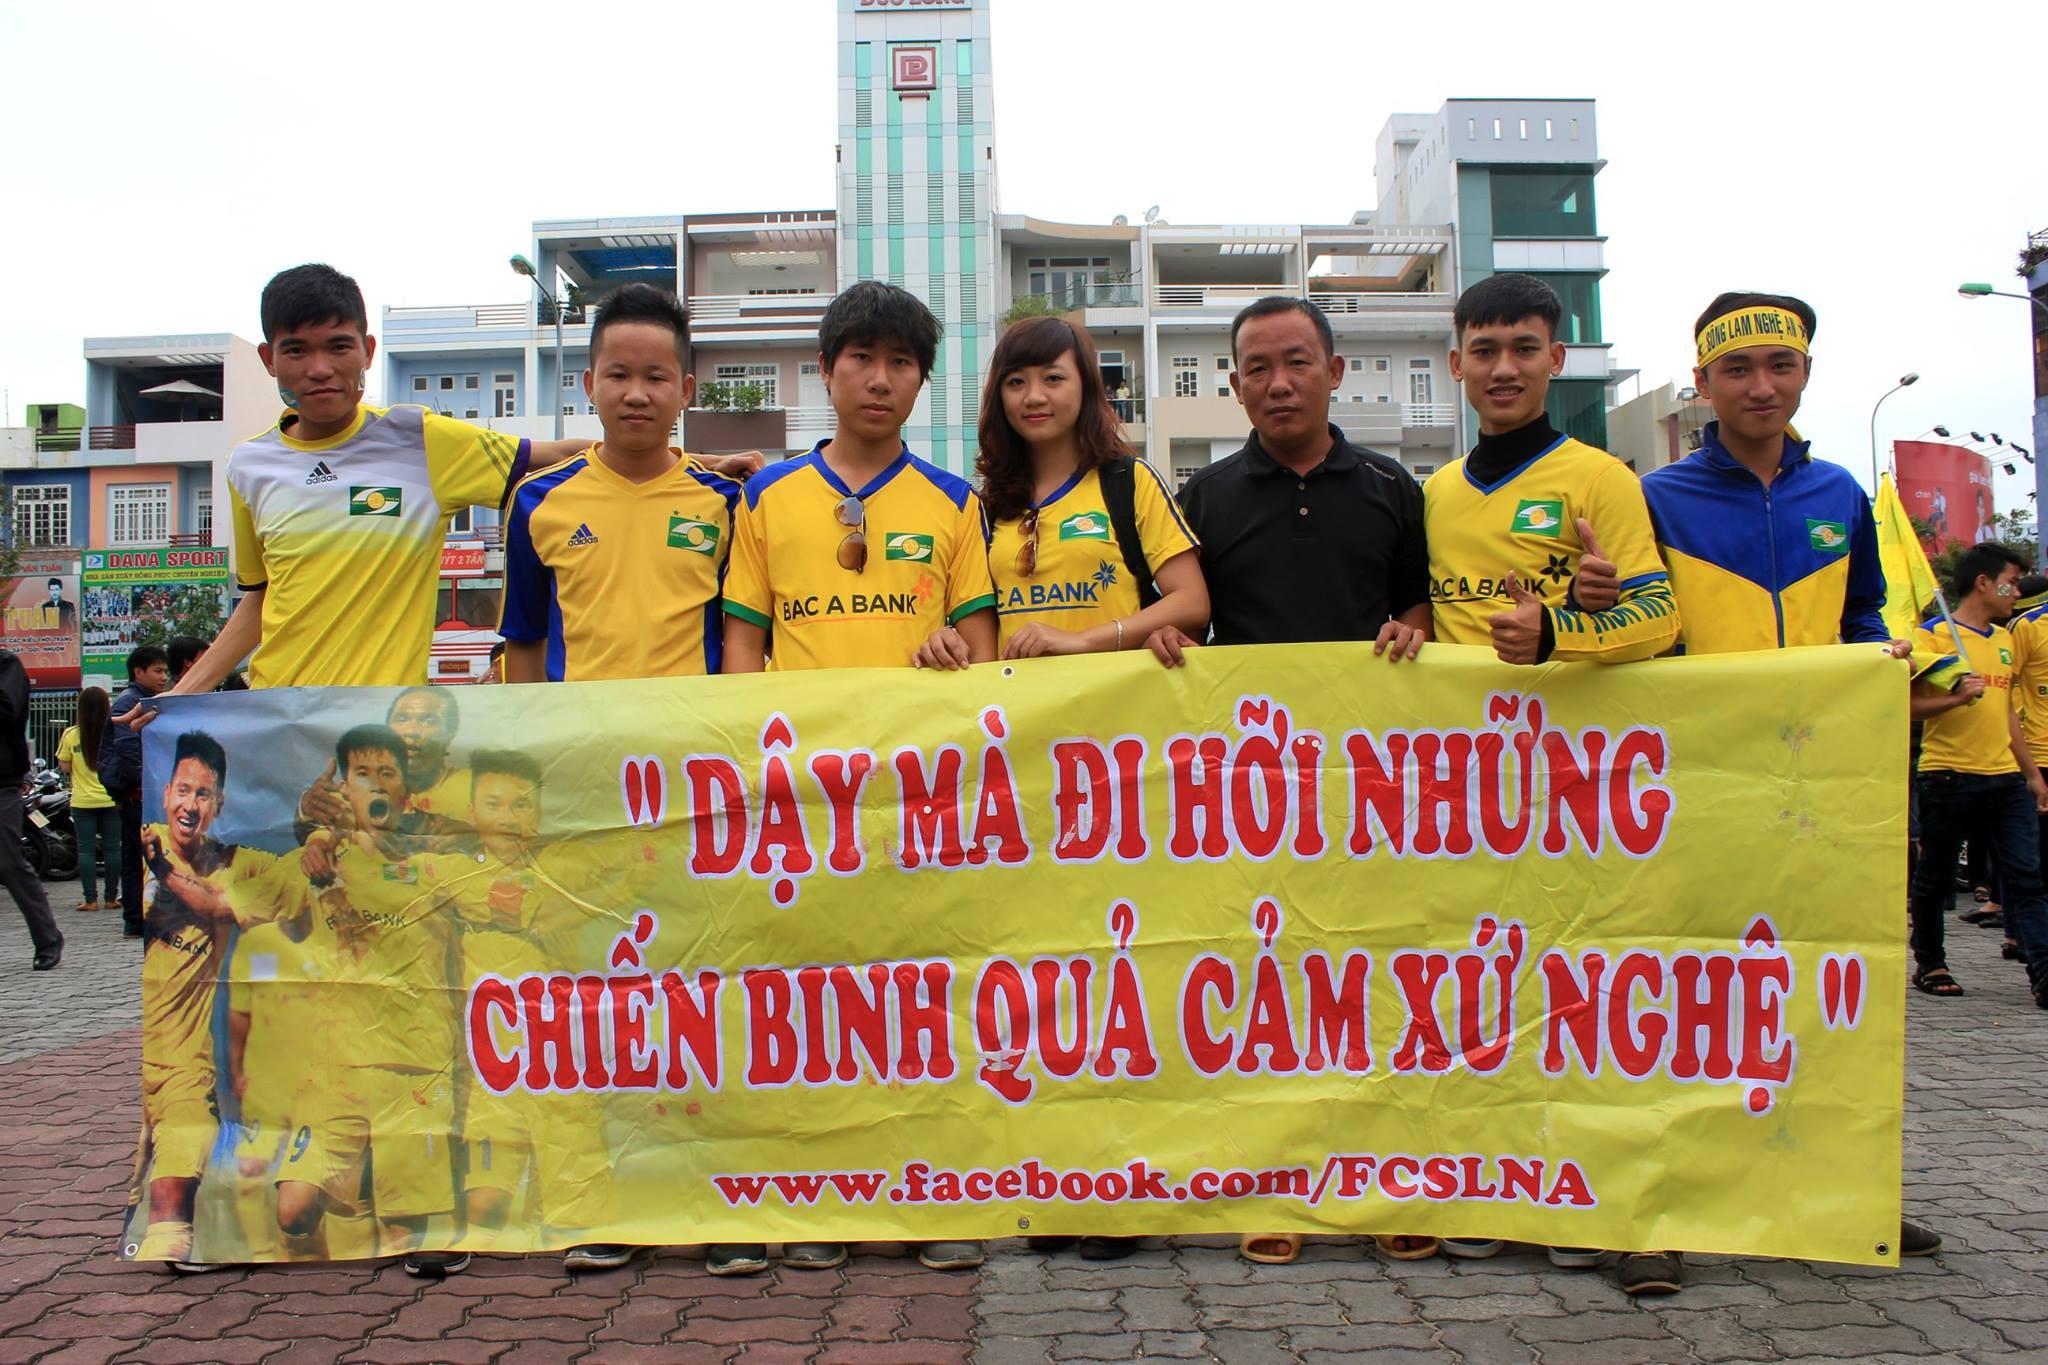 Quỳnh Châu mới gia nhập Hội CĐV SLNA 2 năm nhưng đã là một thành viên chủ lực